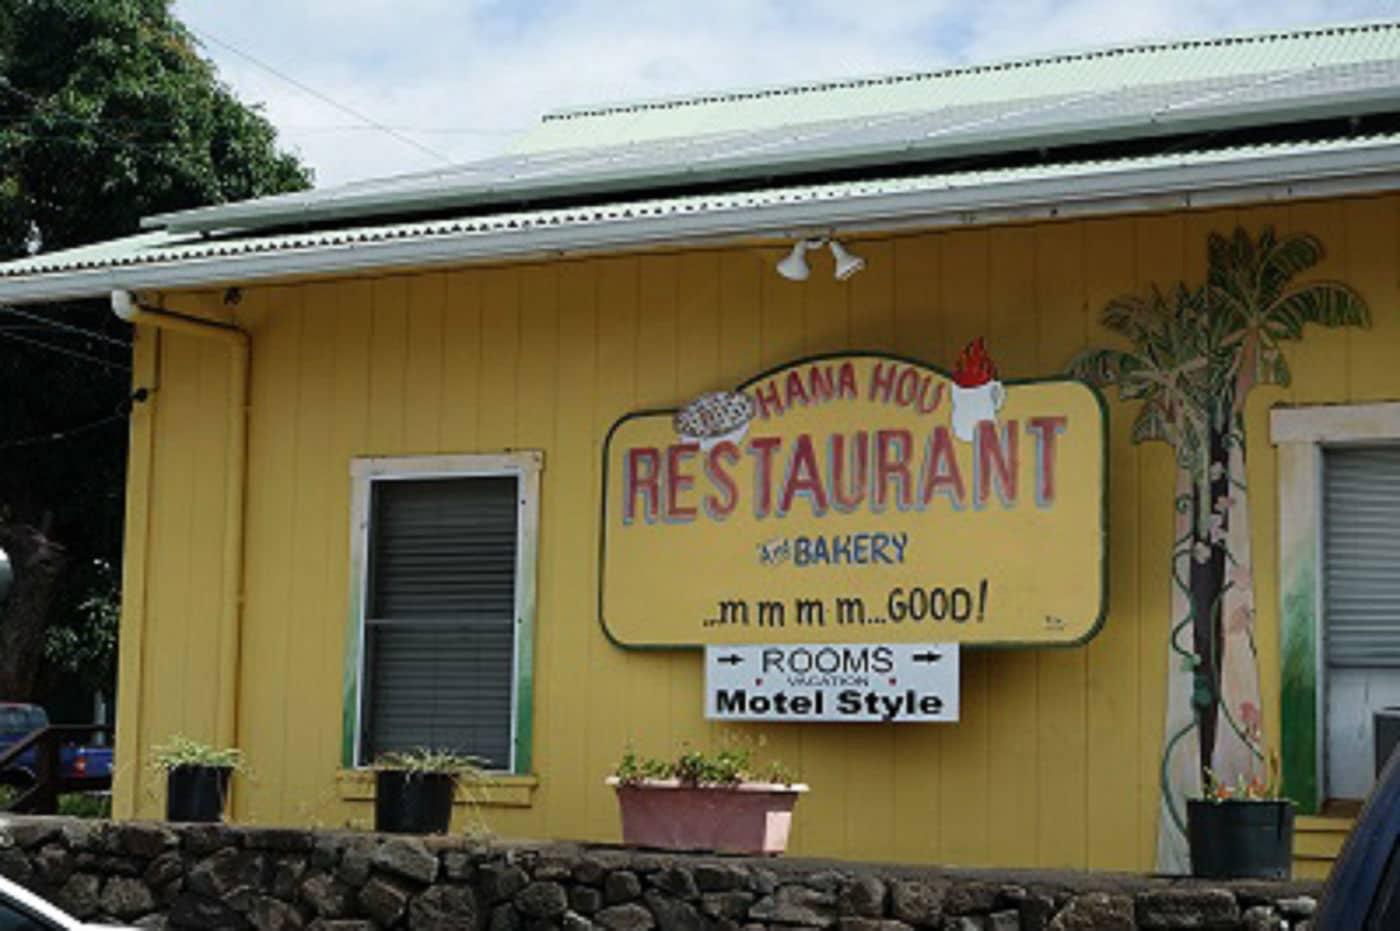 hana hou restaurant, hawaiian restaurant, south point, big island, hawaii, where to eat in hawaii, hawaiian foods, beach restaurant, beachy restaurant in hawaii